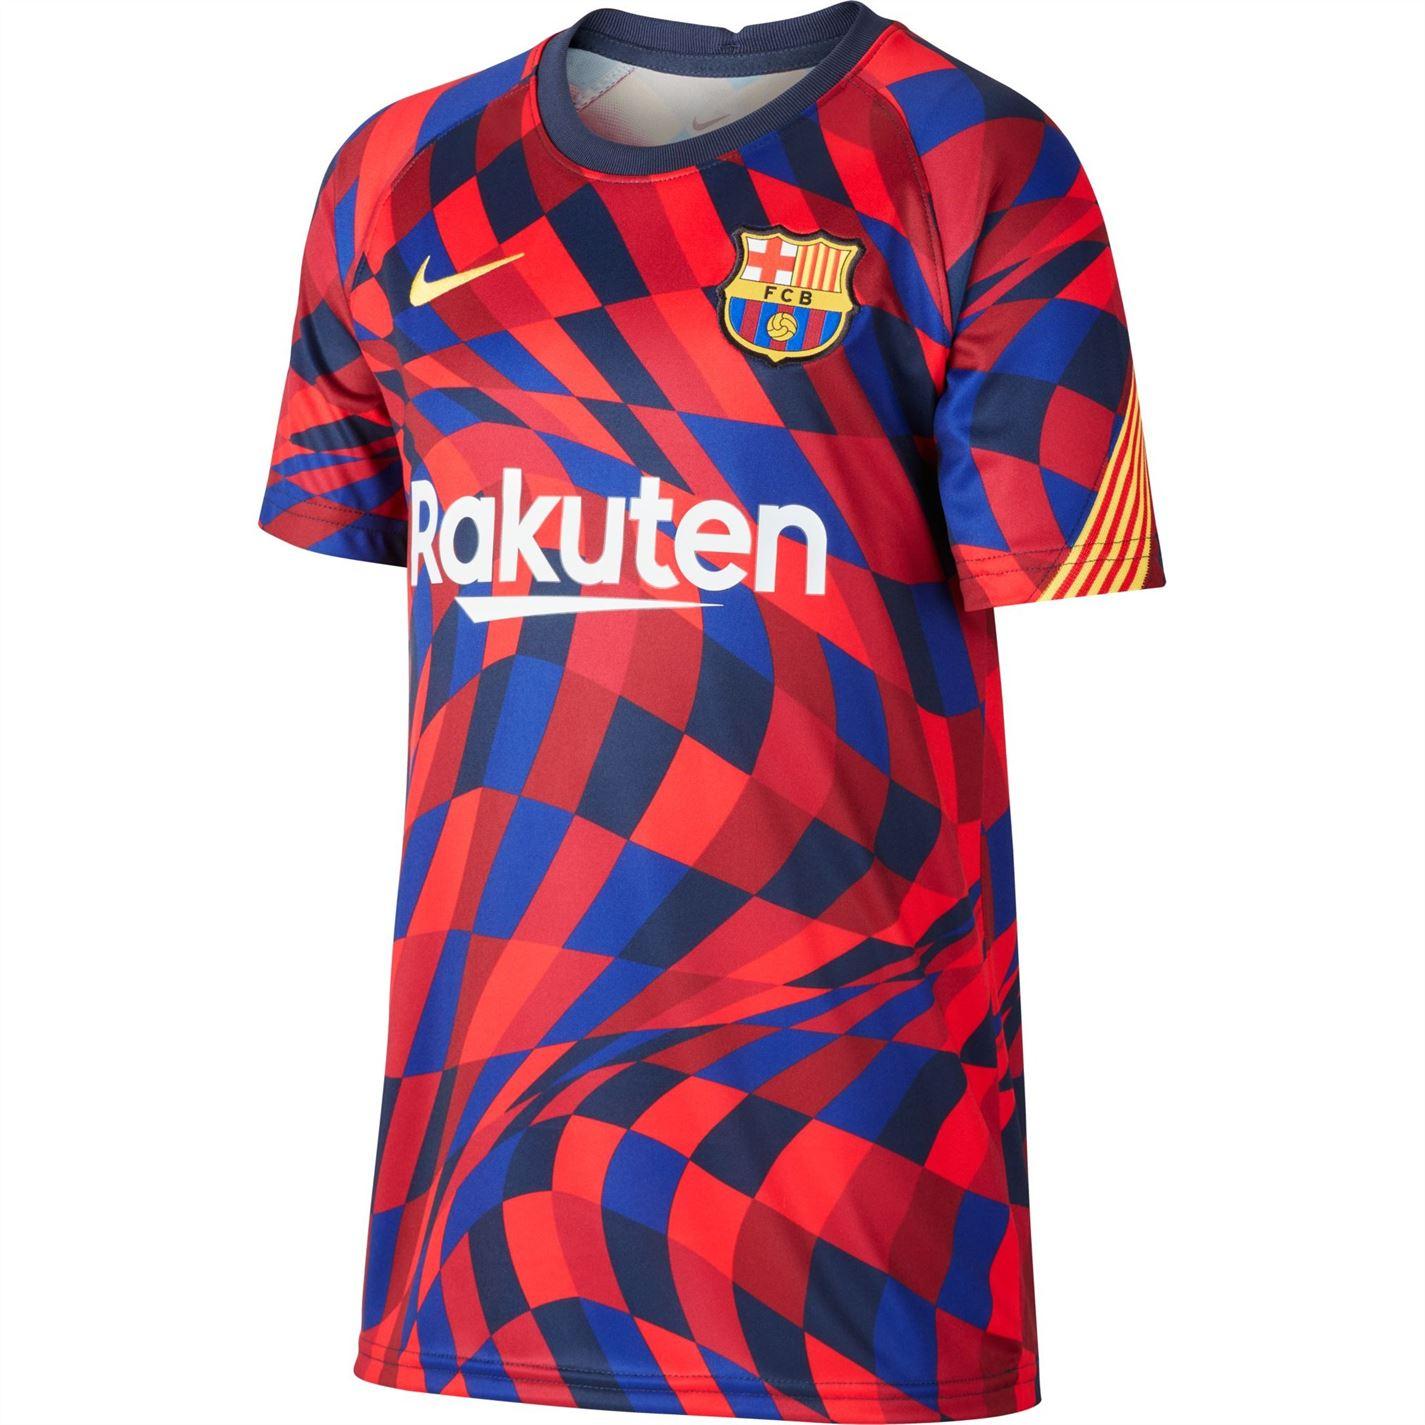 Mergi la Tricou Nike FC Barcelona Pre Match Juniors rosu